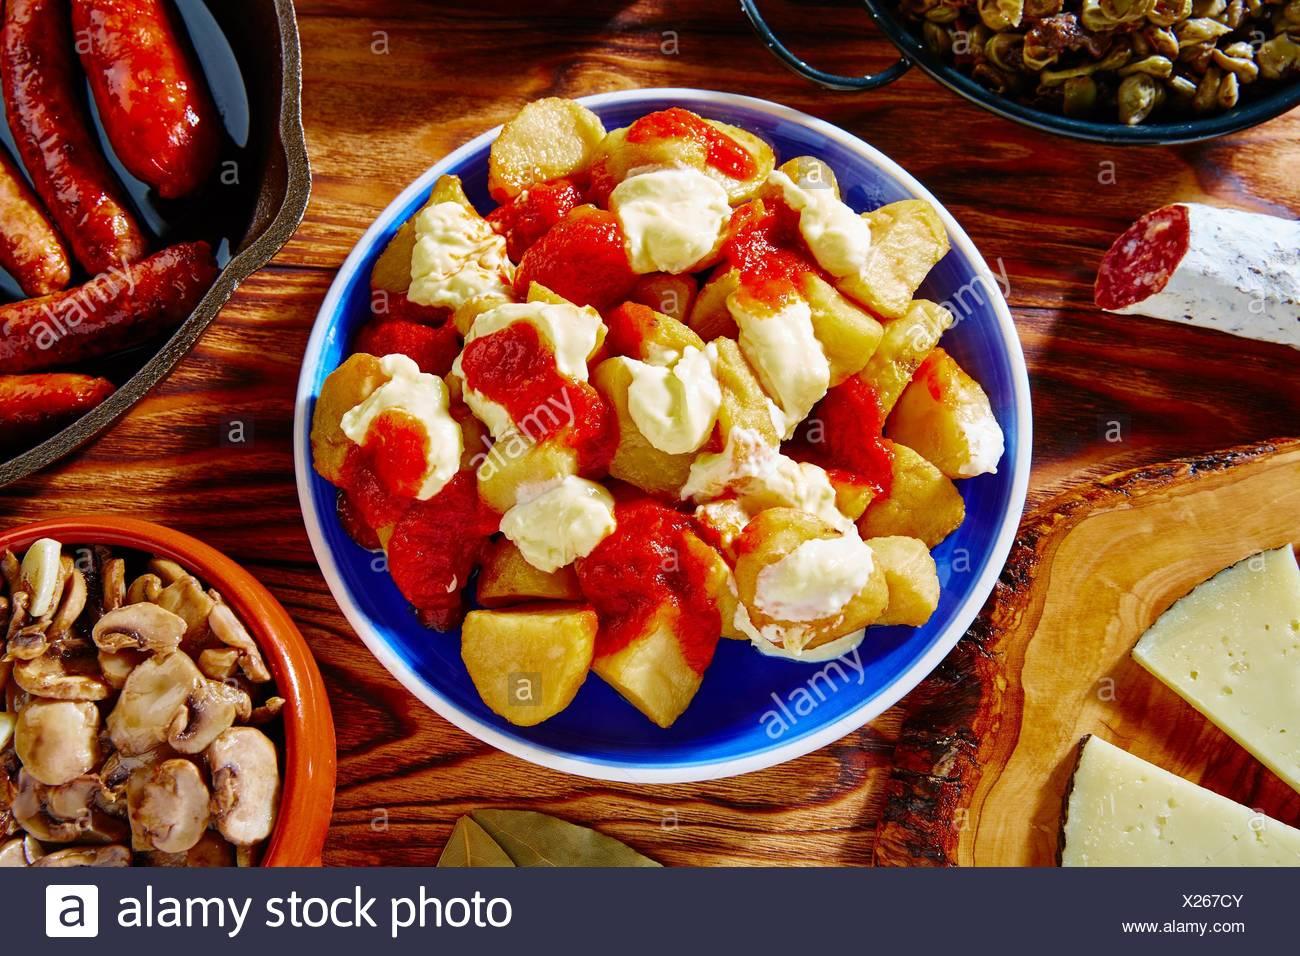 Tapas Patatas Bravas potatoe fries with tomato and mayonaise from Spain. - Stock Image